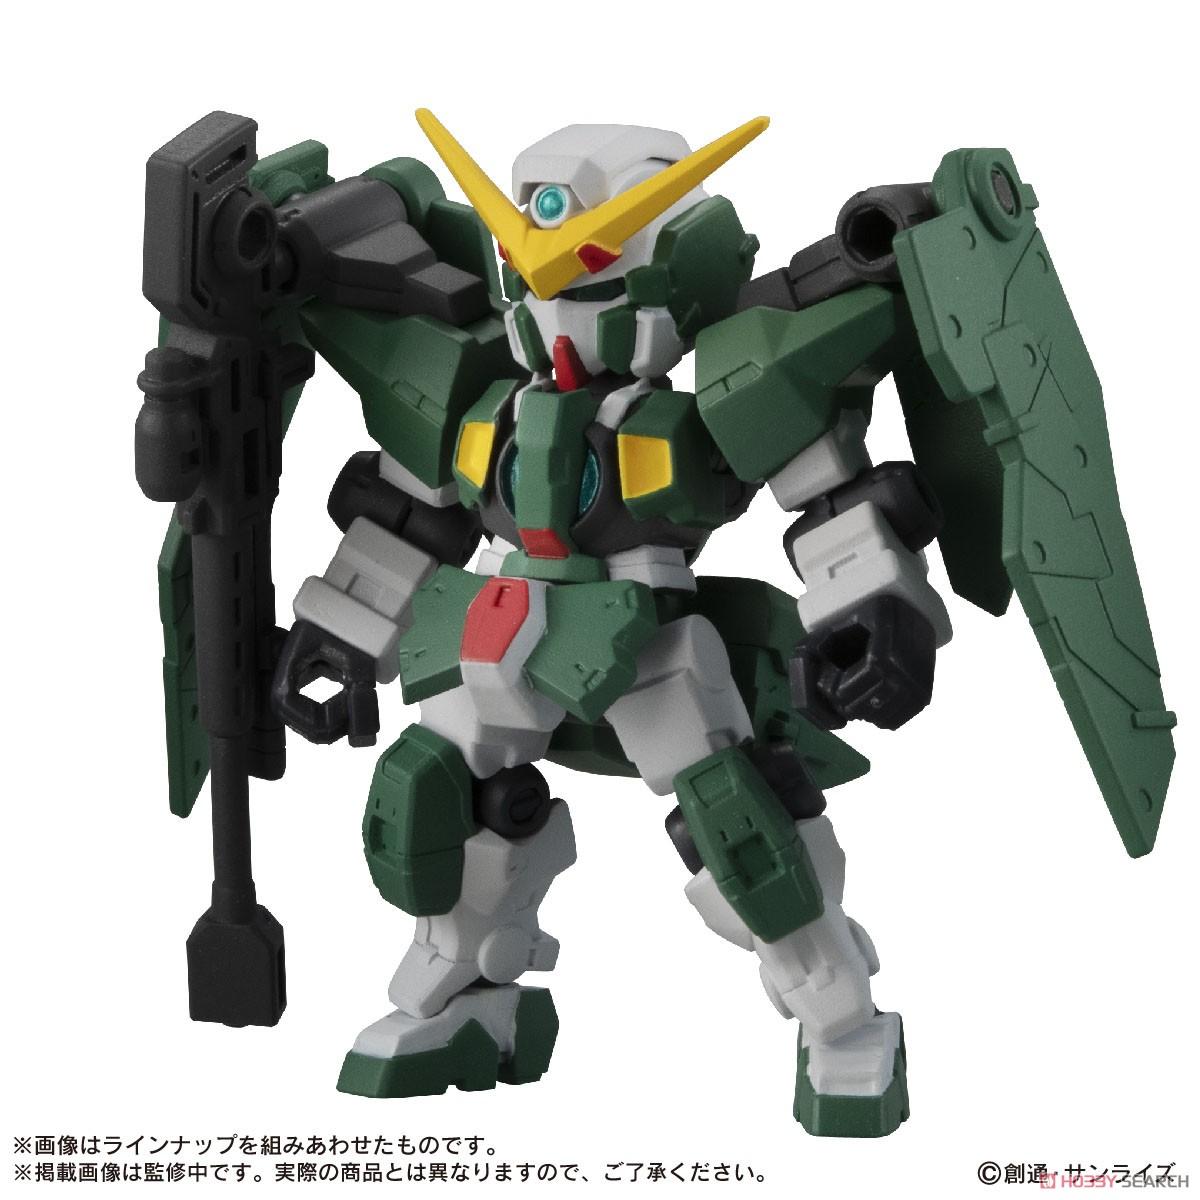 機動戦士ガンダム『MOBILE SUIT ENSEMBLE15』デフォルメフィギュア 10個入りBOX-007